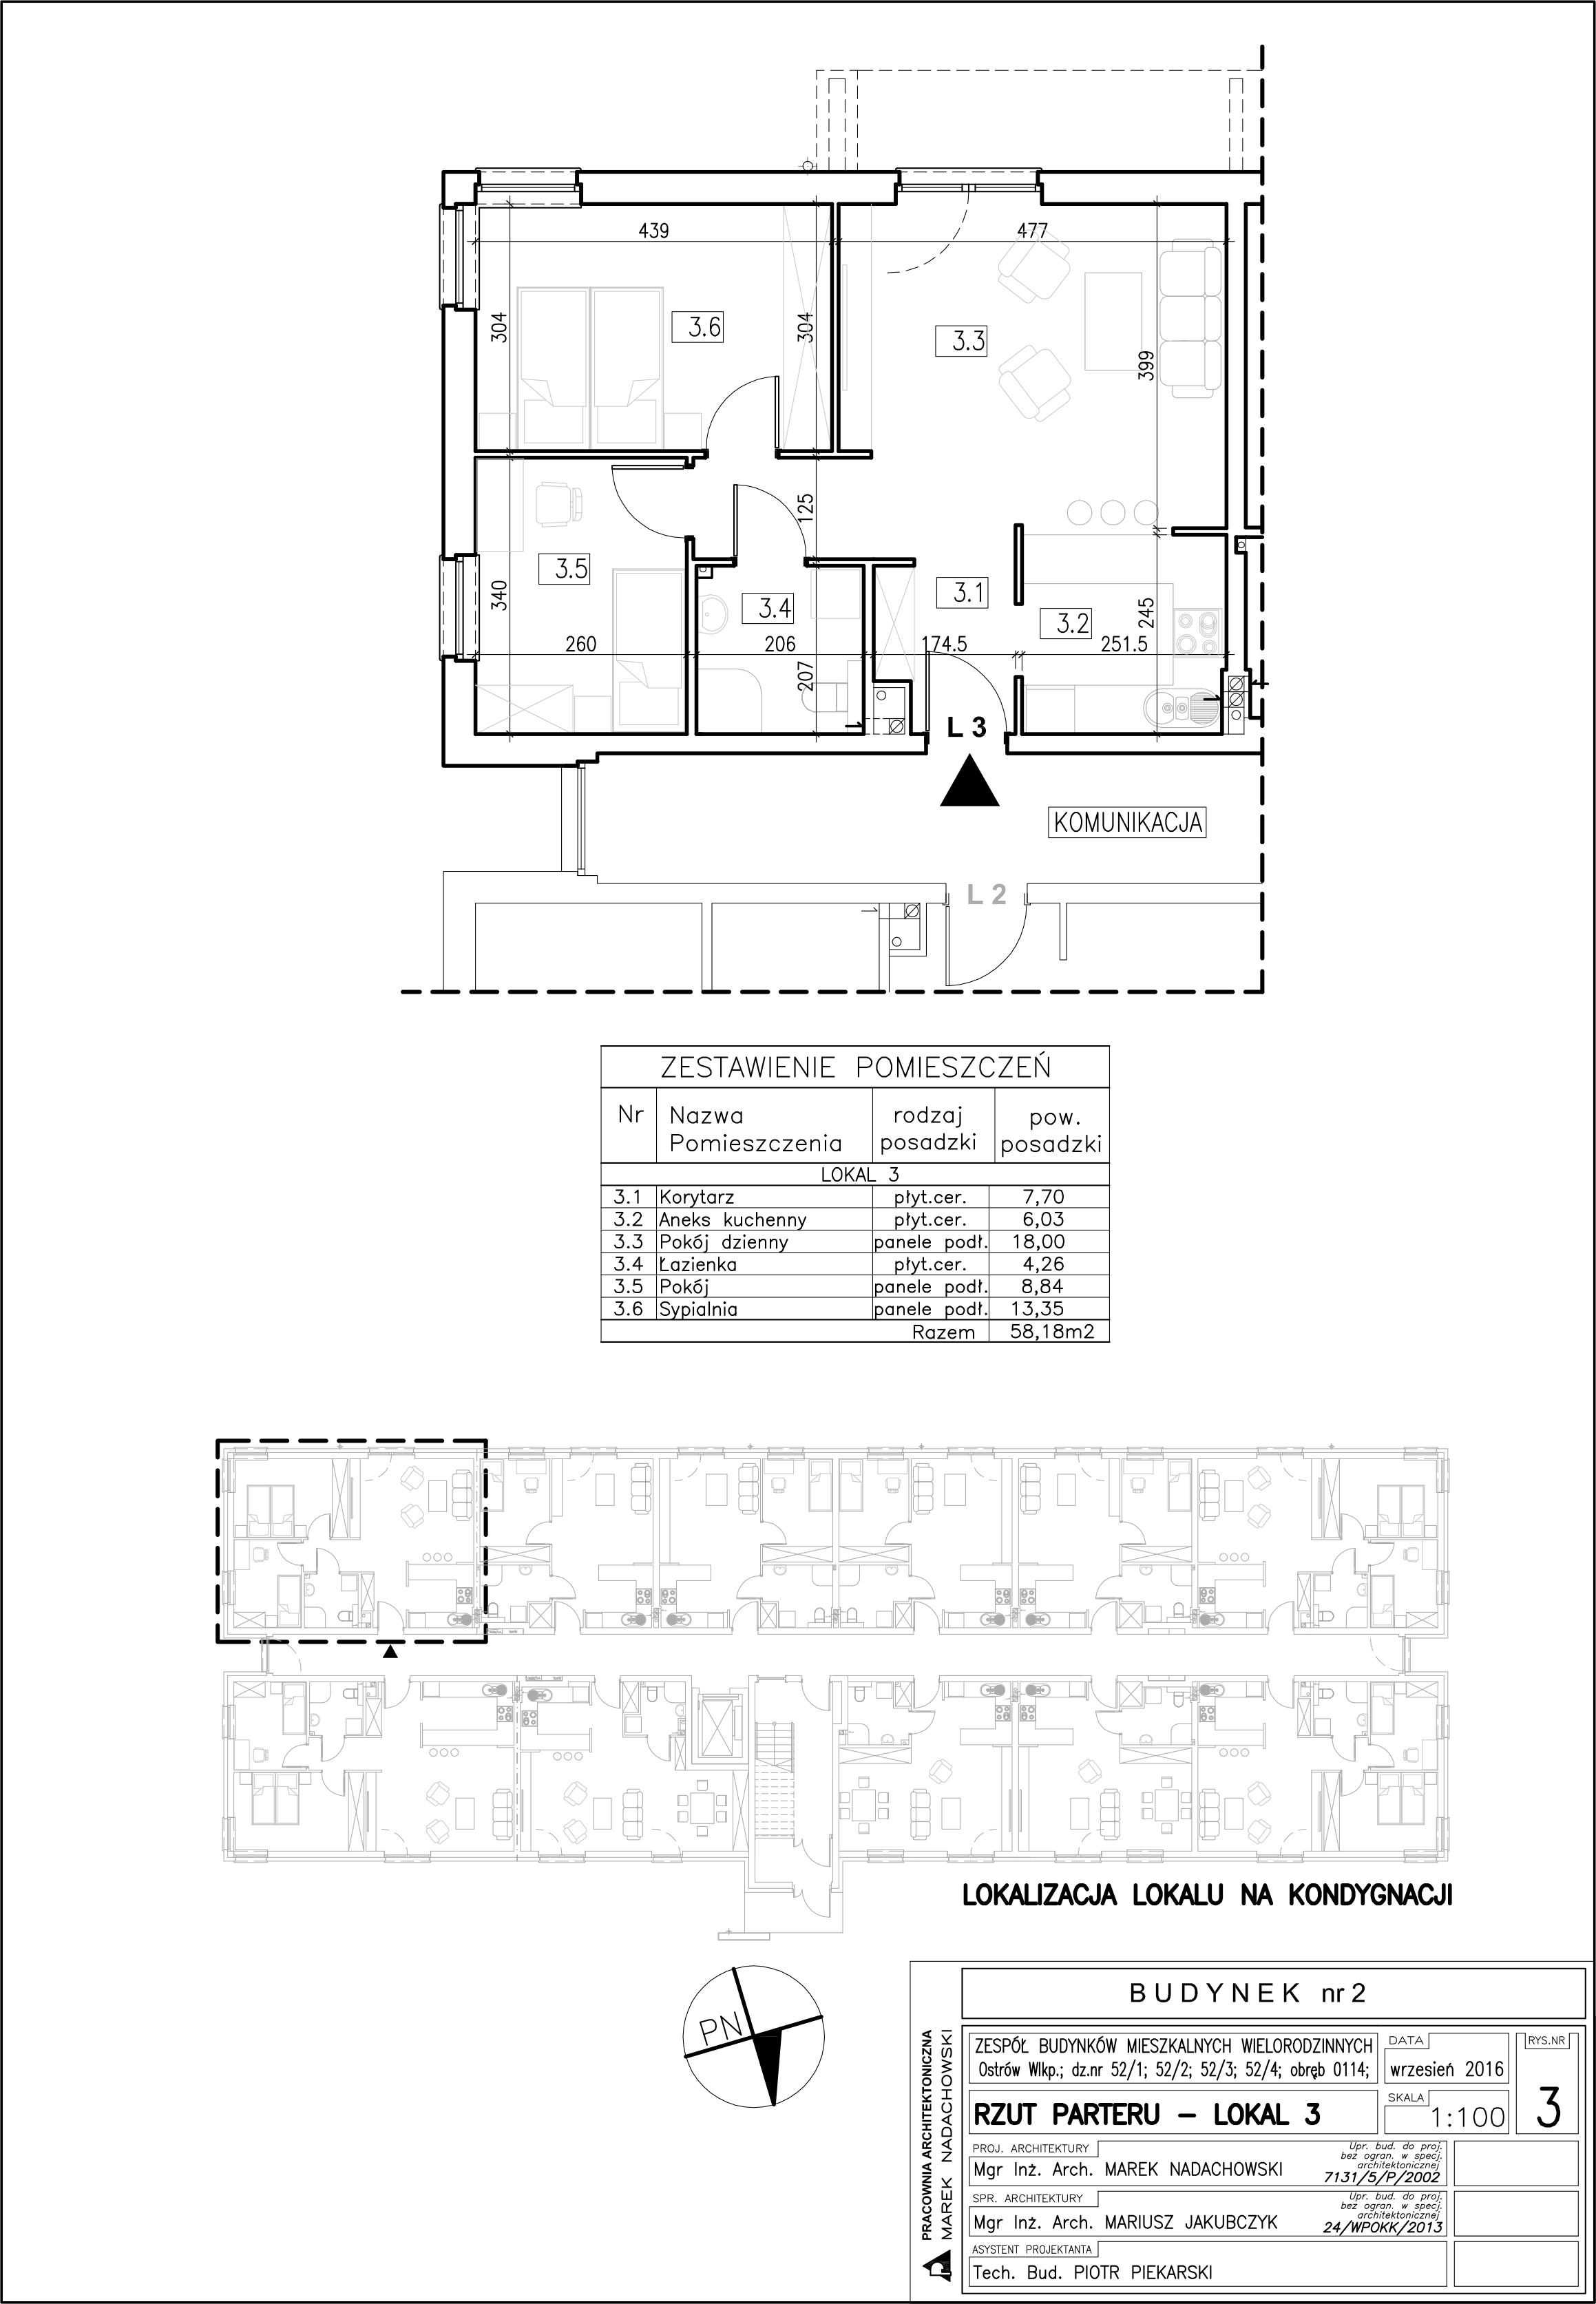 Lokal nr 3 Powierzchnia: 58,18 m2